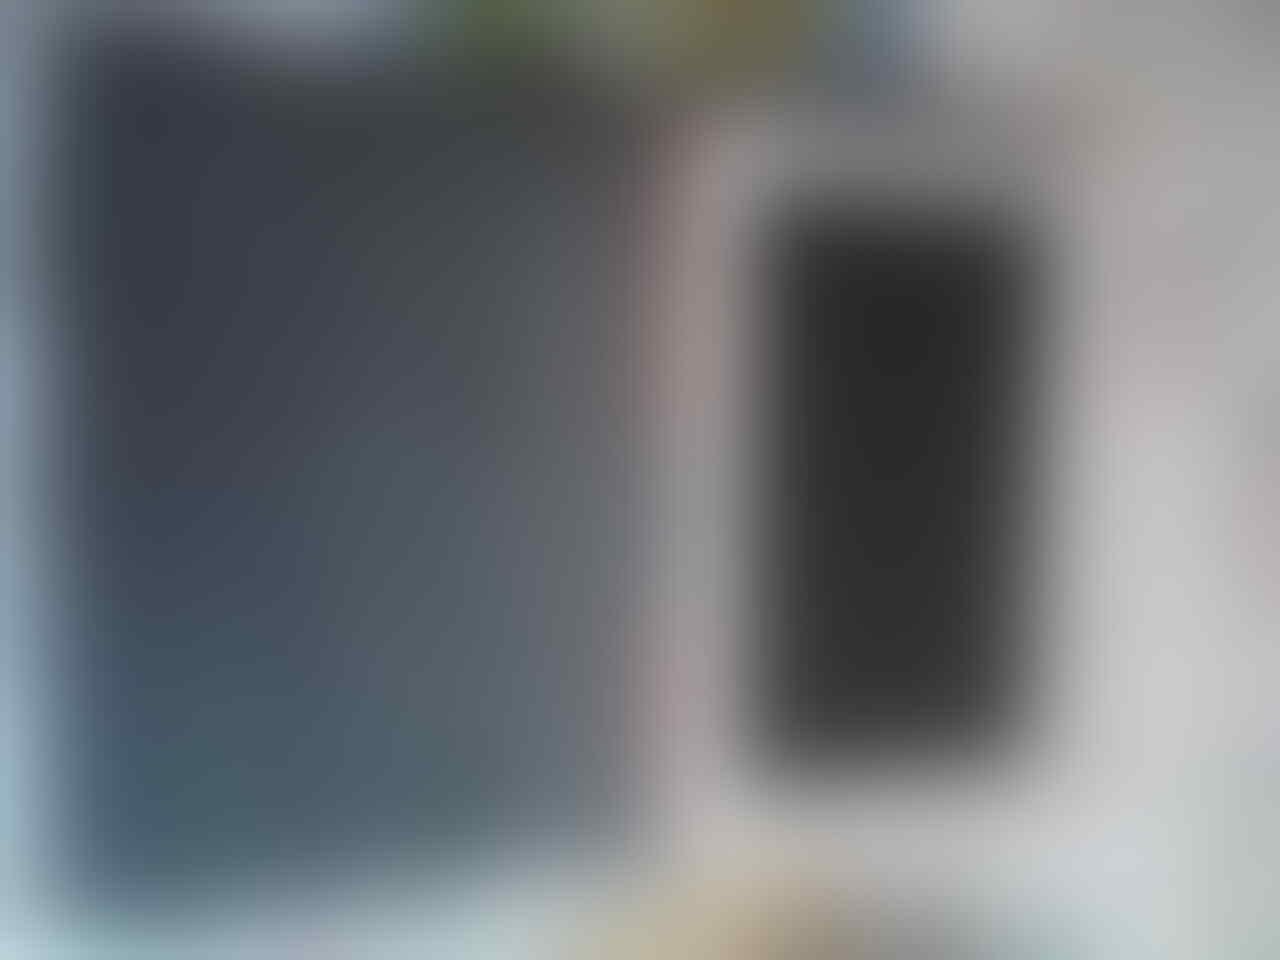 Samsung Galaxy Note 10.1 ; Samsung Galaxy Note 101 ; Samsung Galaxy Note N-8000 ;